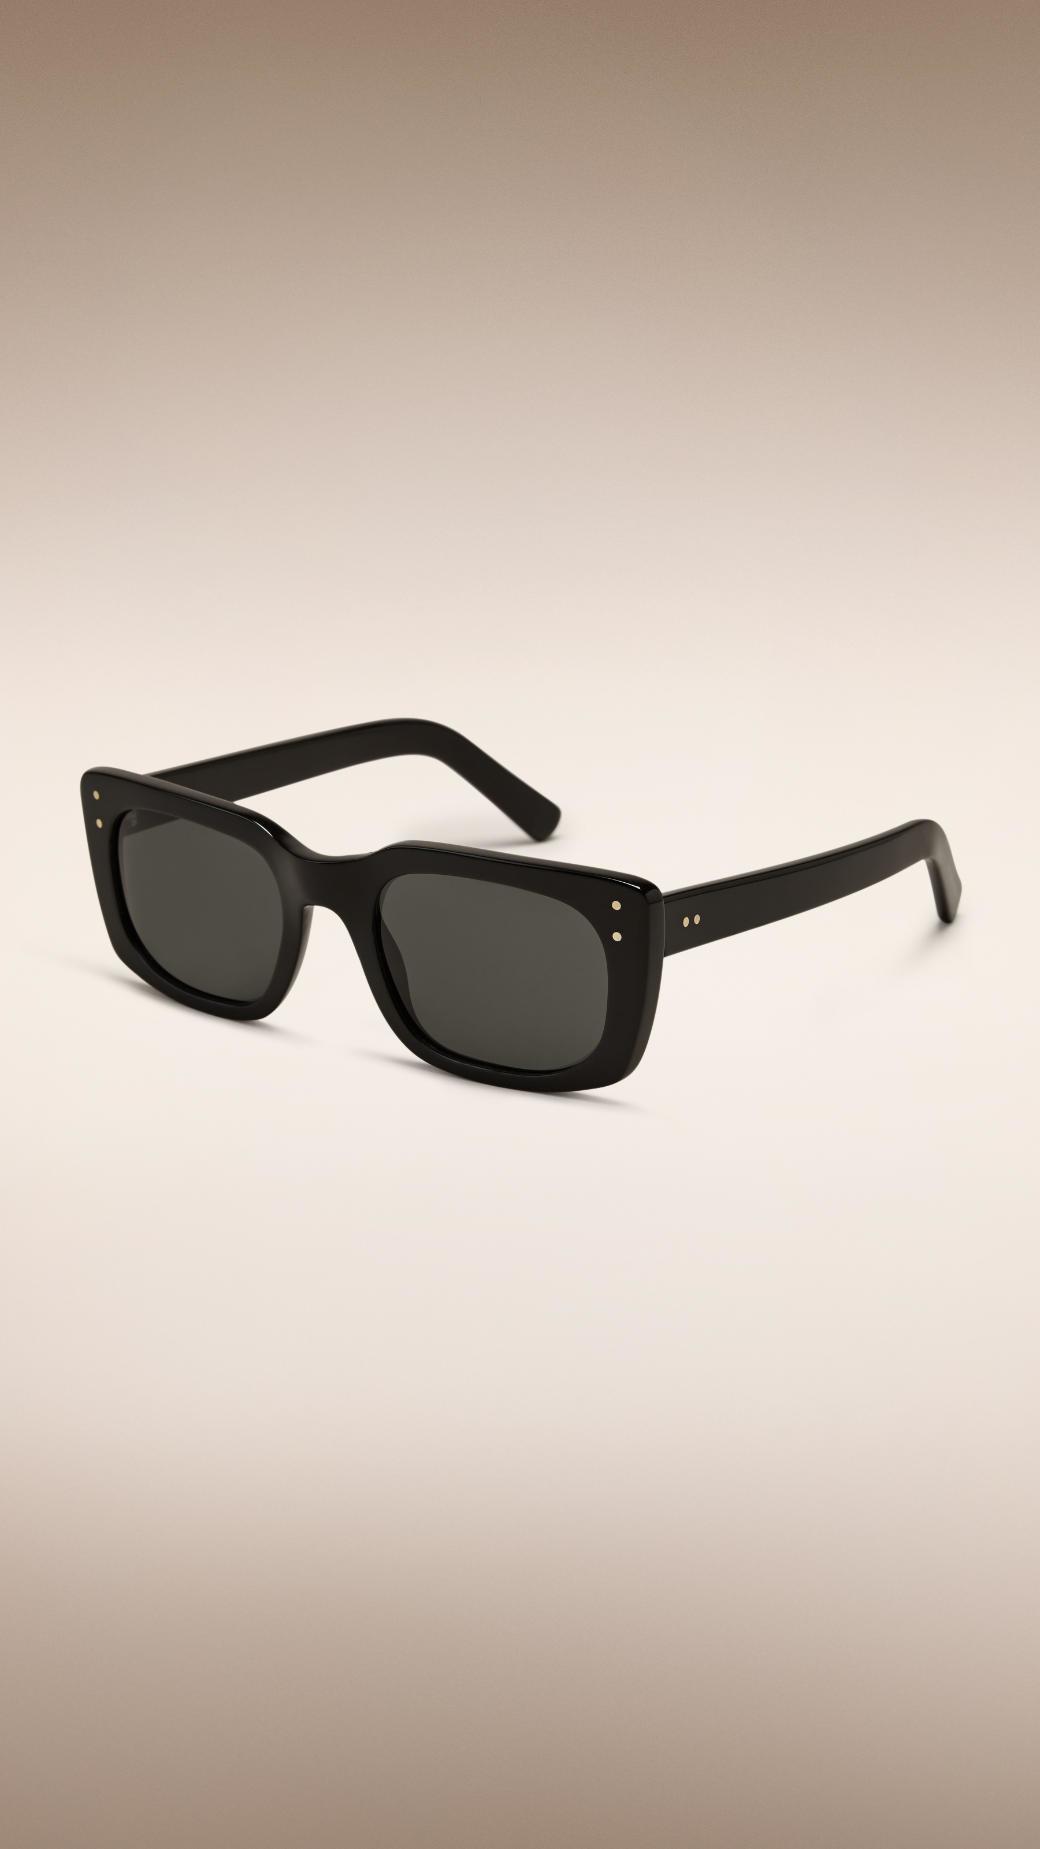 Burberry Black Frame Glasses : Burberry Square Frame Sunglasses Black in Black for Men Lyst